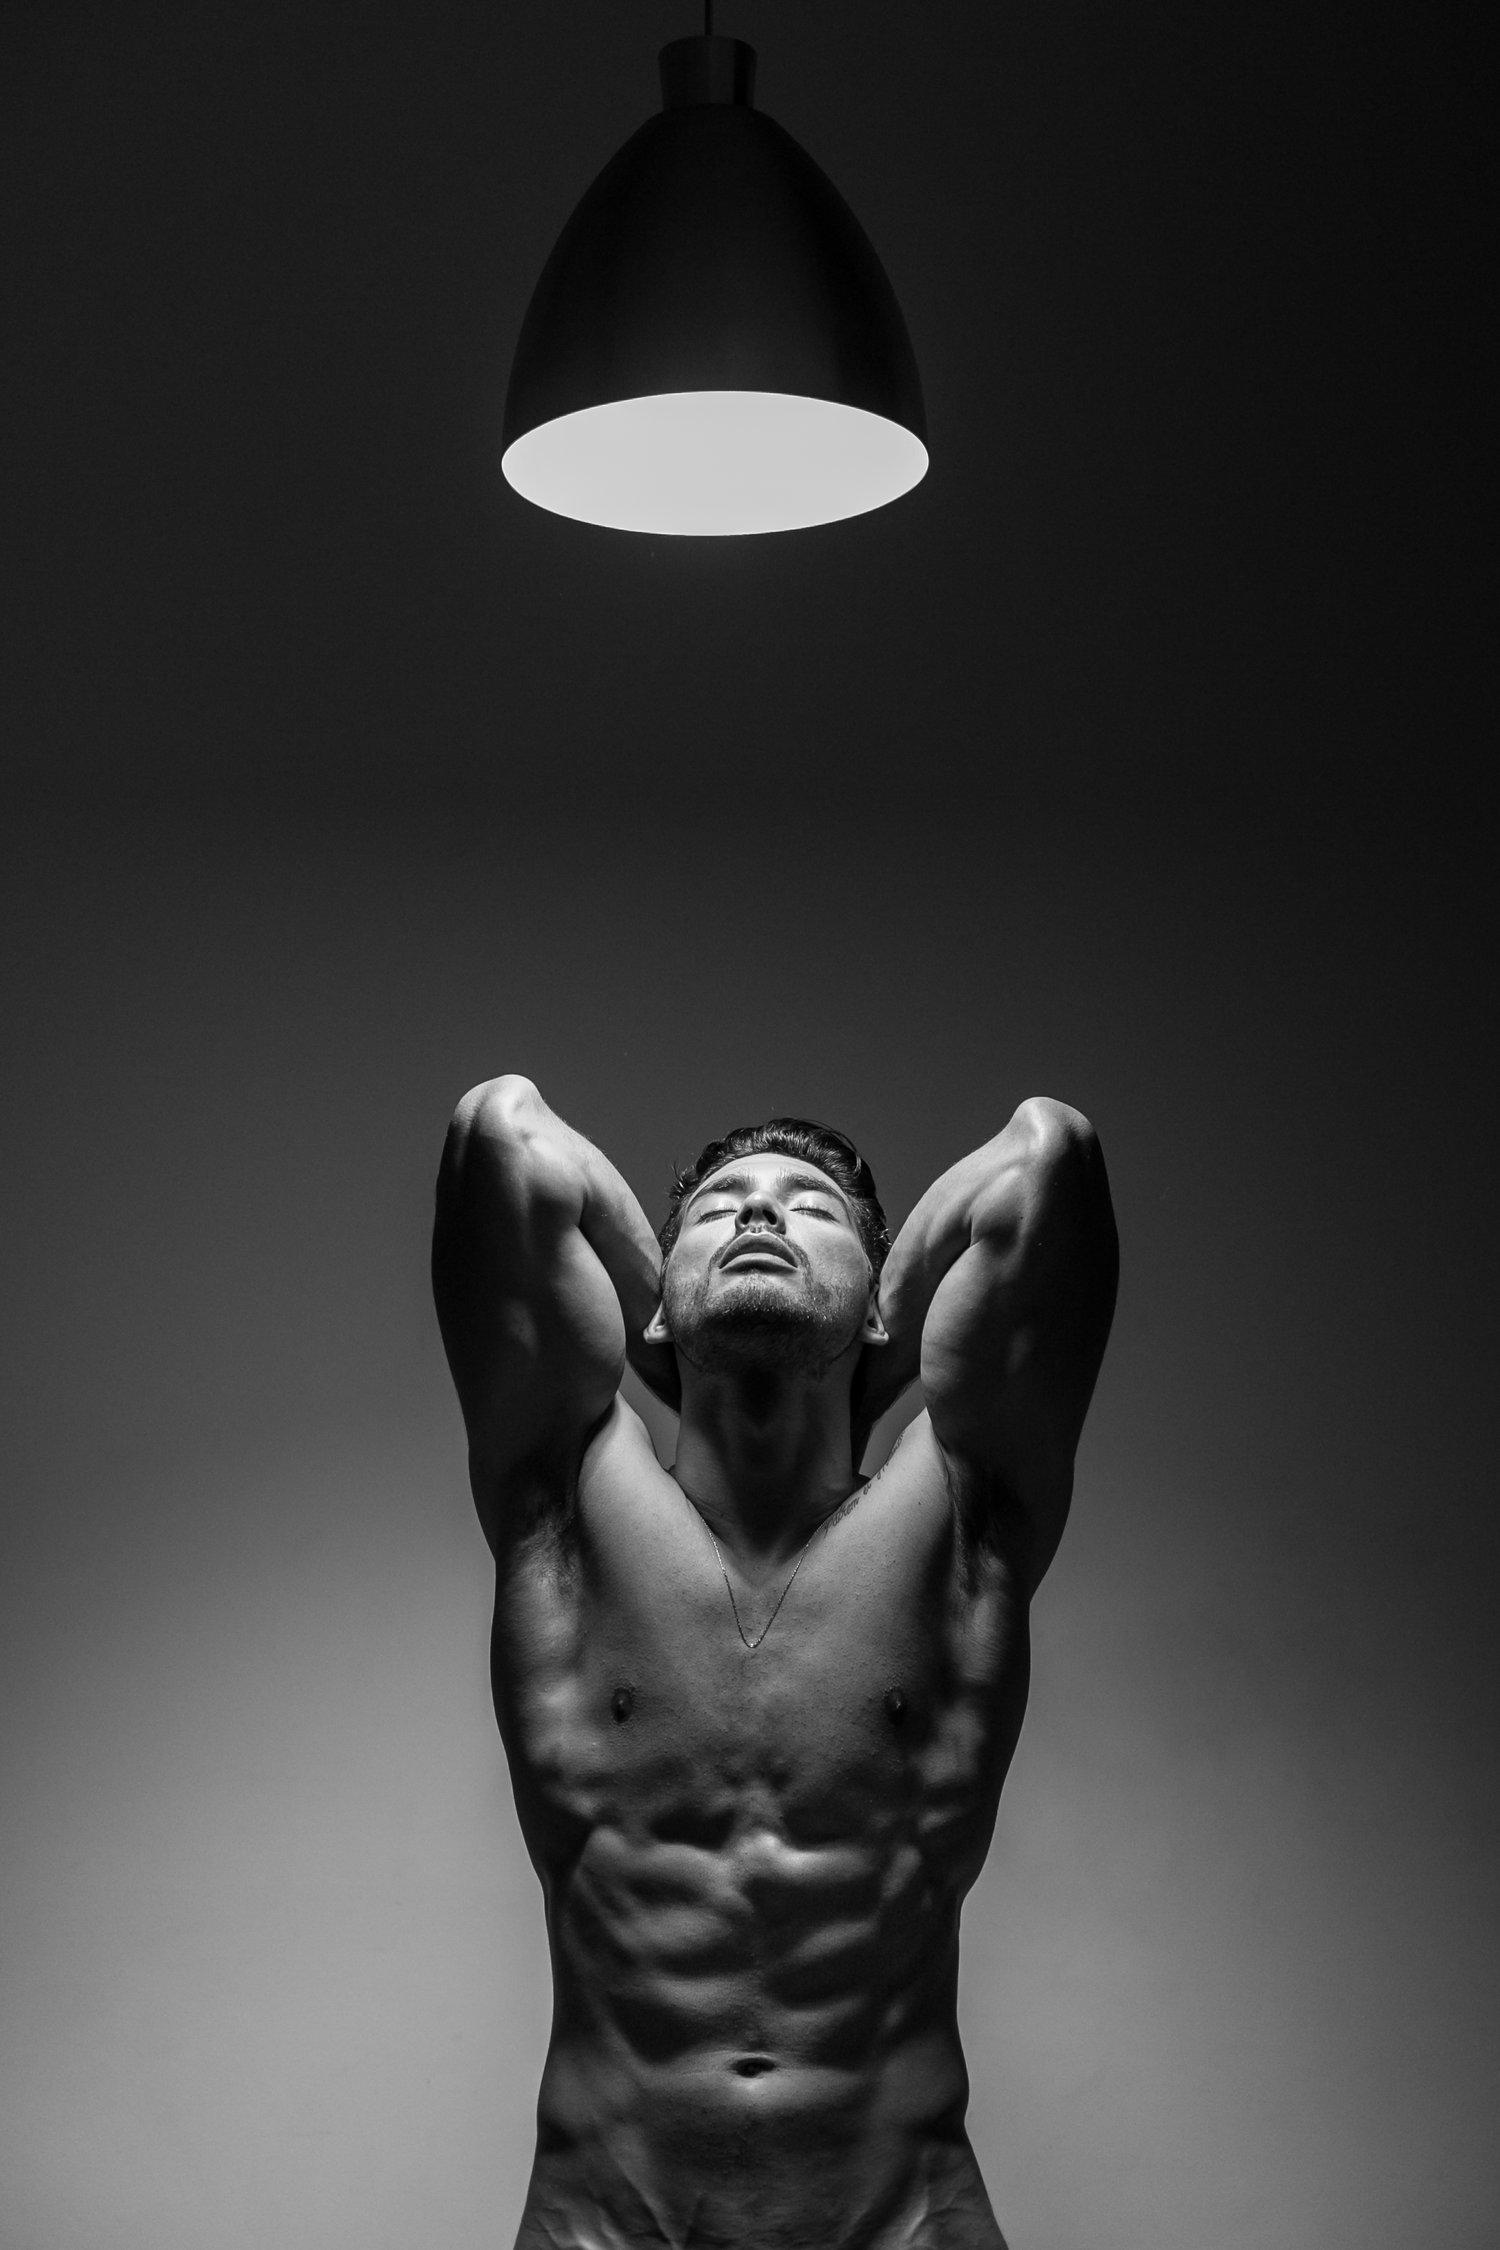 Adon Exclusive: Model Ramon Ceccarelli By Thiago Martini